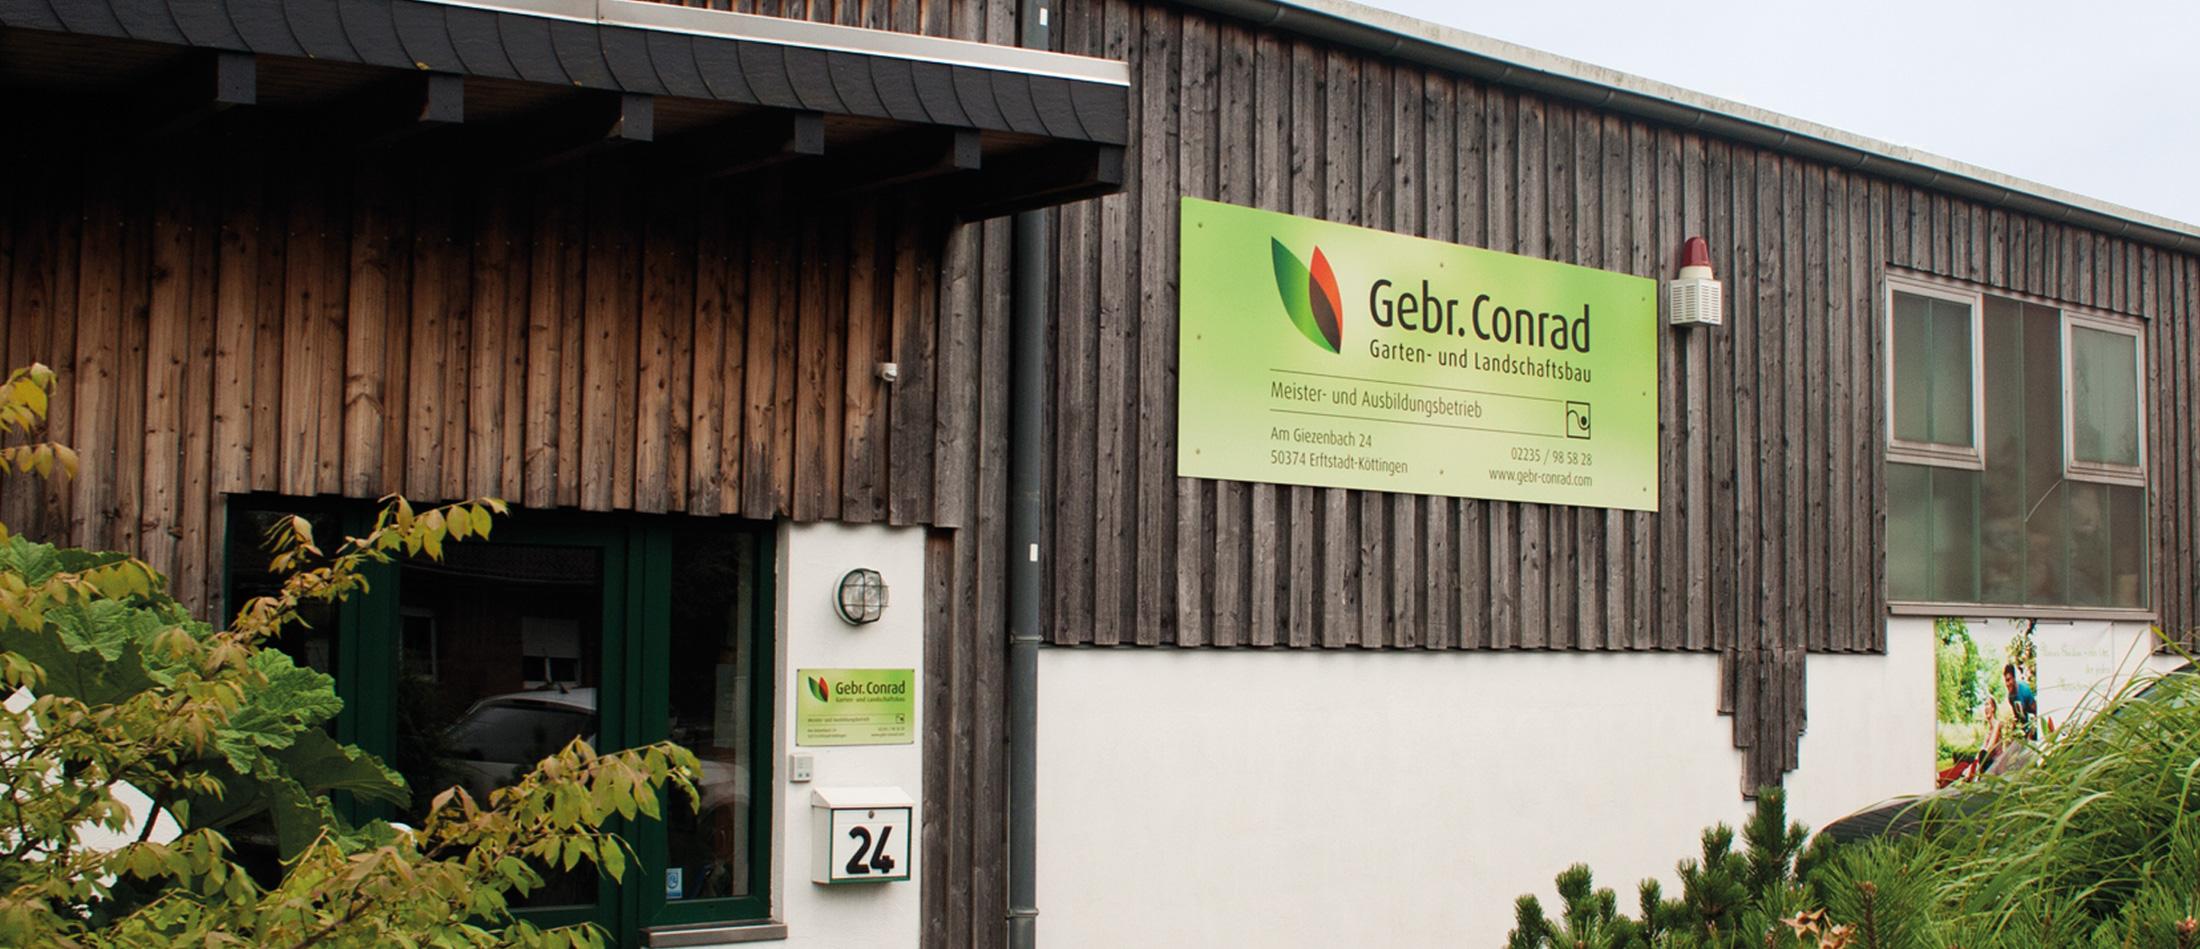 Garten Landschaftsbau Köln gebr conrad garten und landschaftsbau erftstadt köln gebr conrad